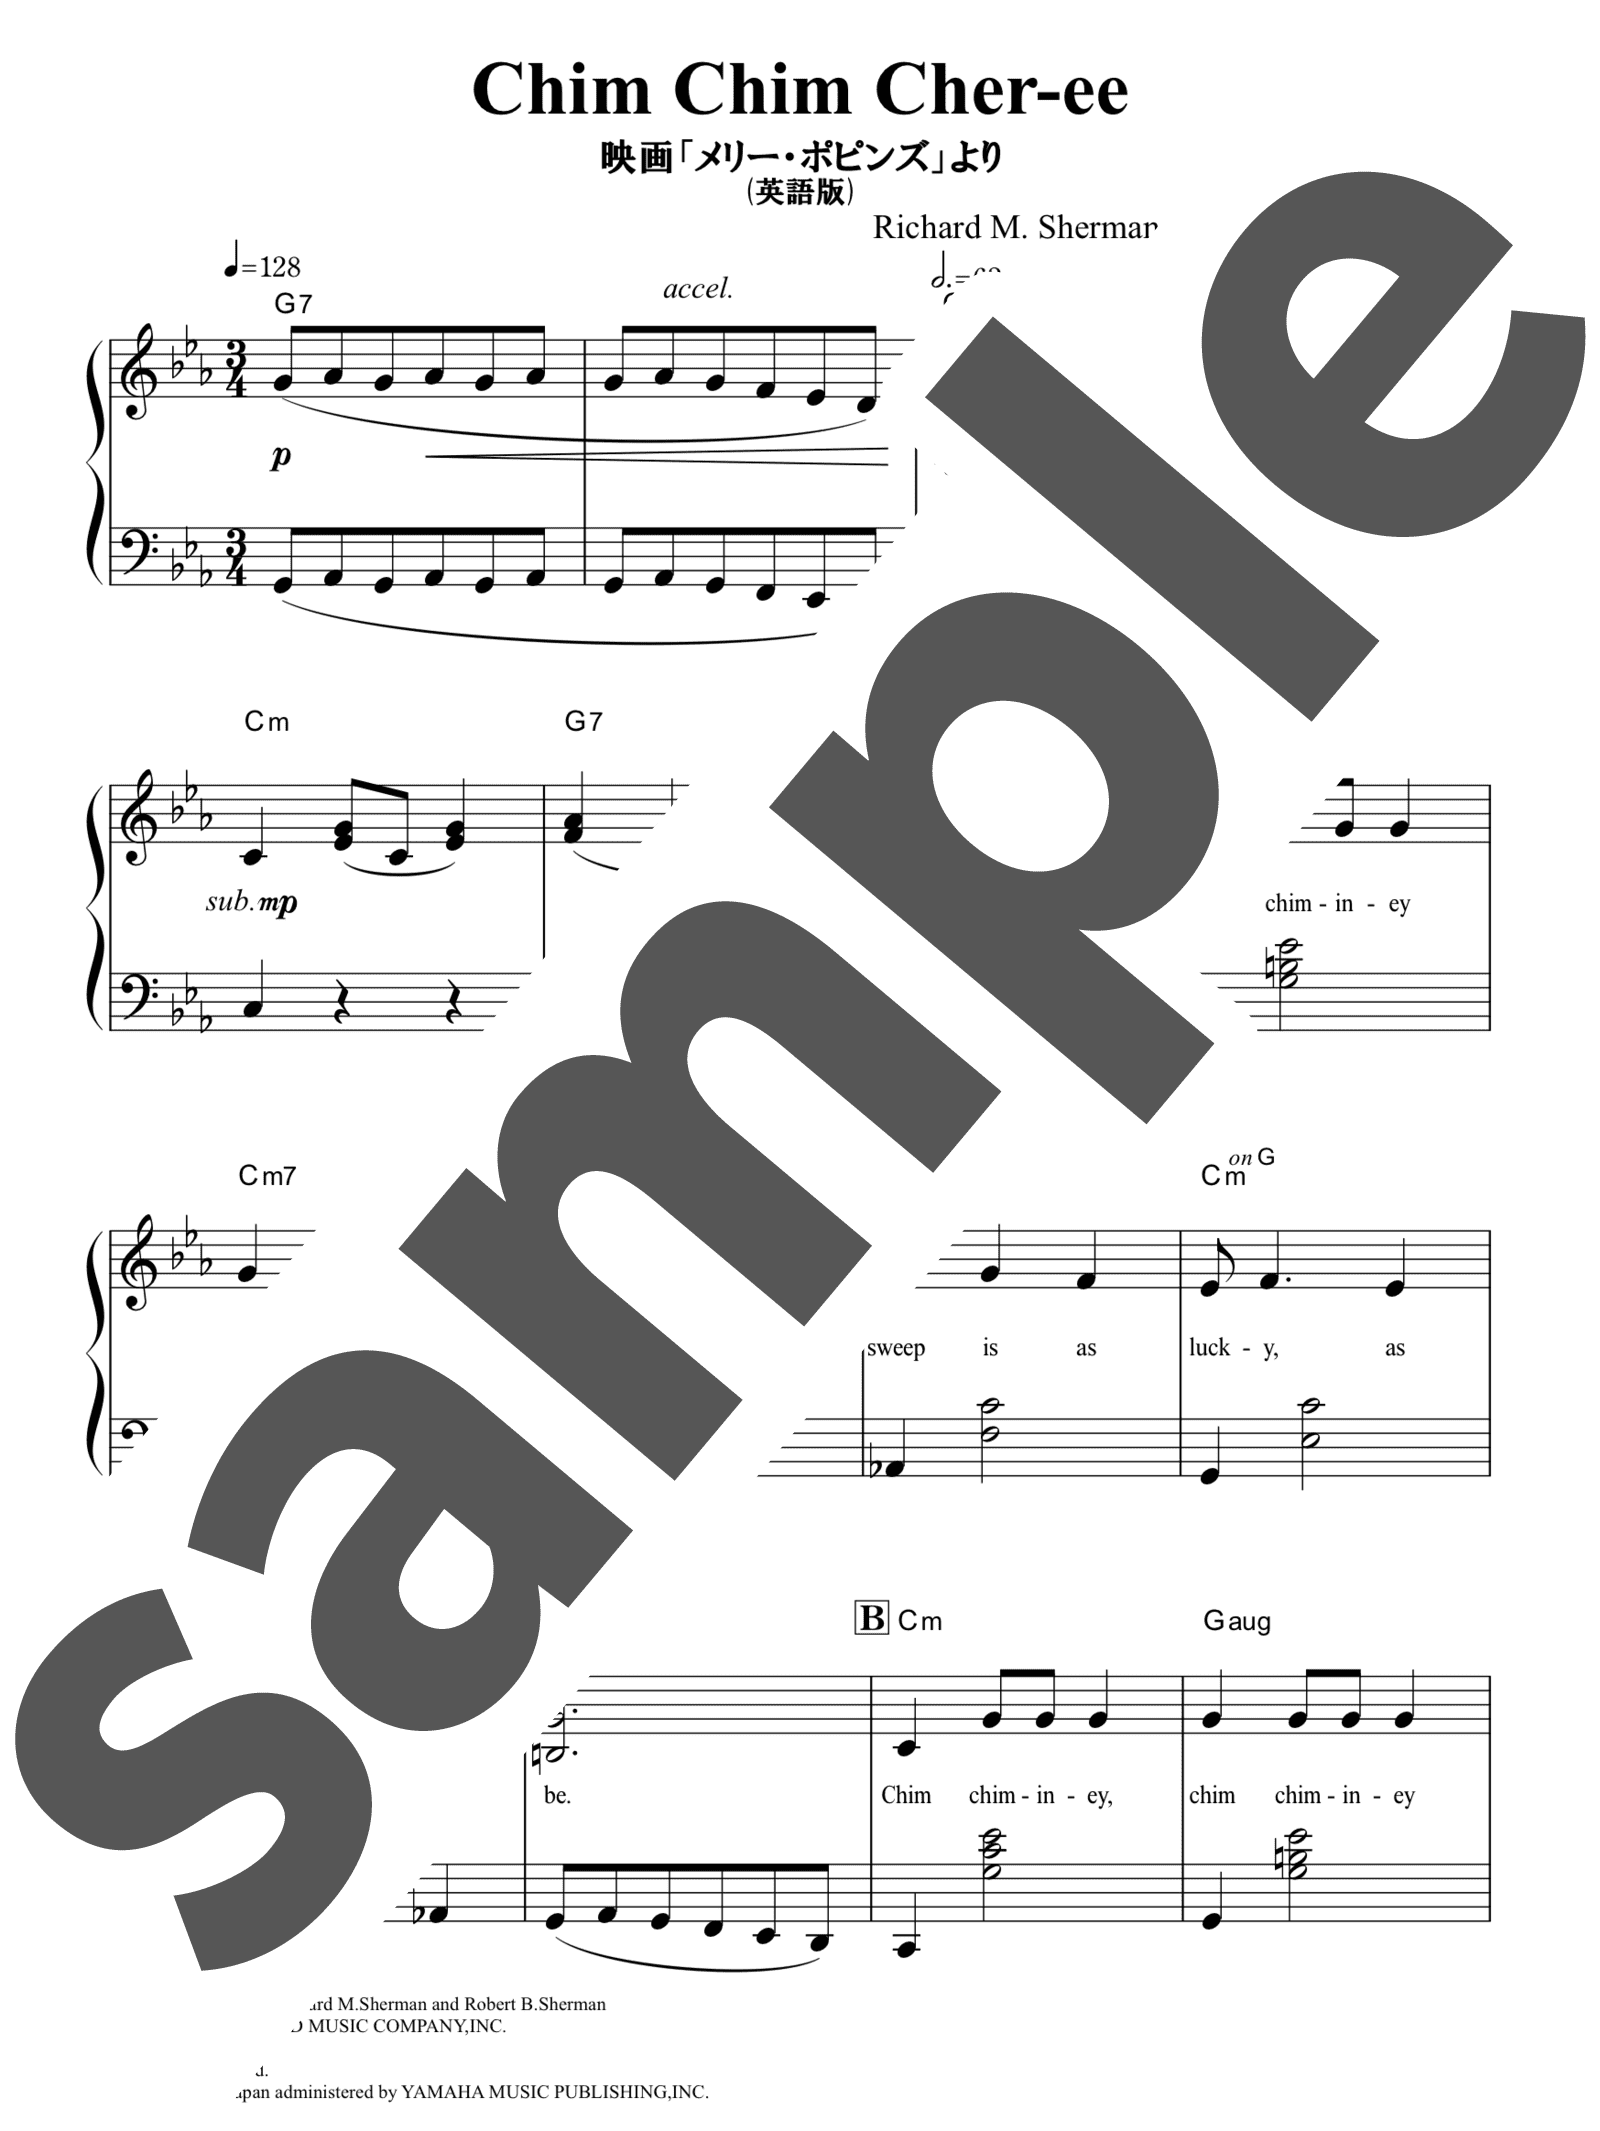 「チム・チム・チェリー」のサンプル楽譜